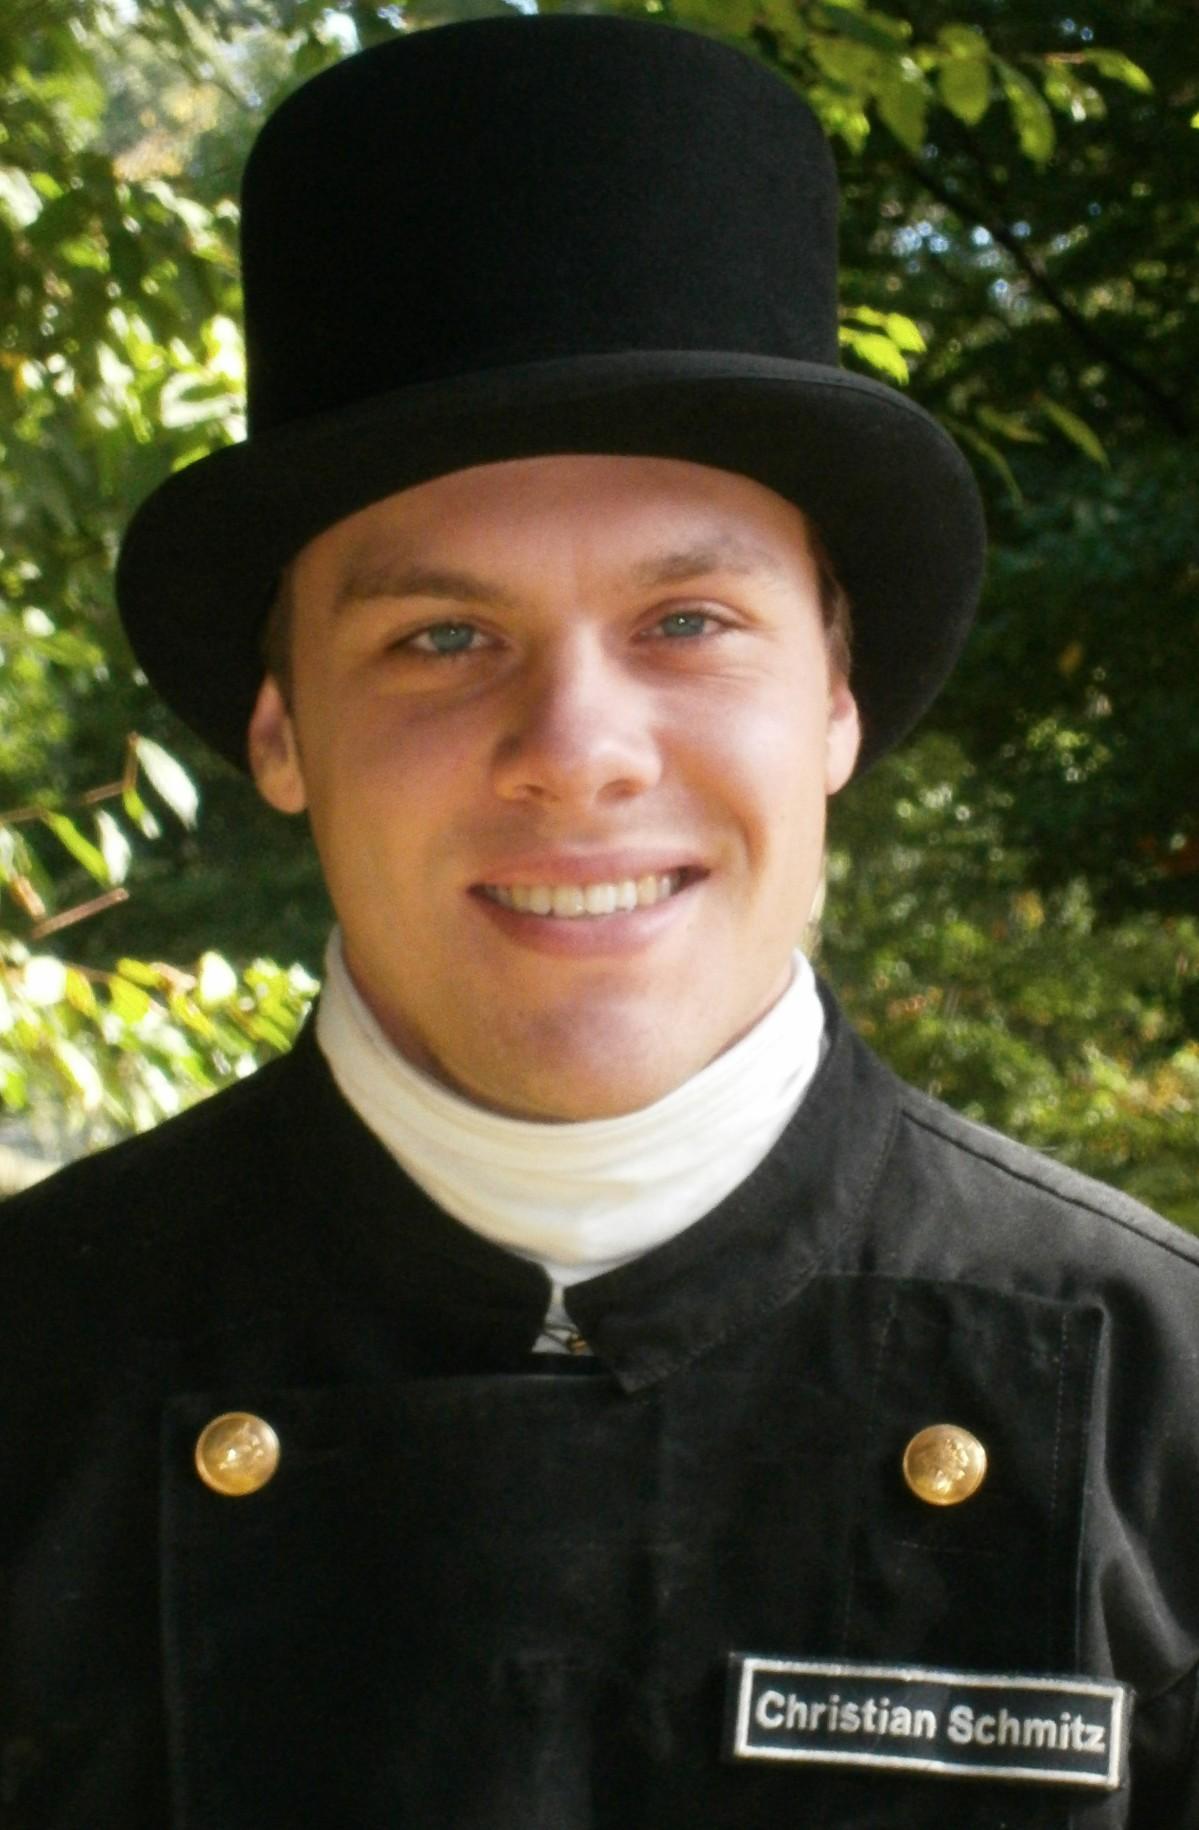 Mitarbeieter, Christian Schmitz